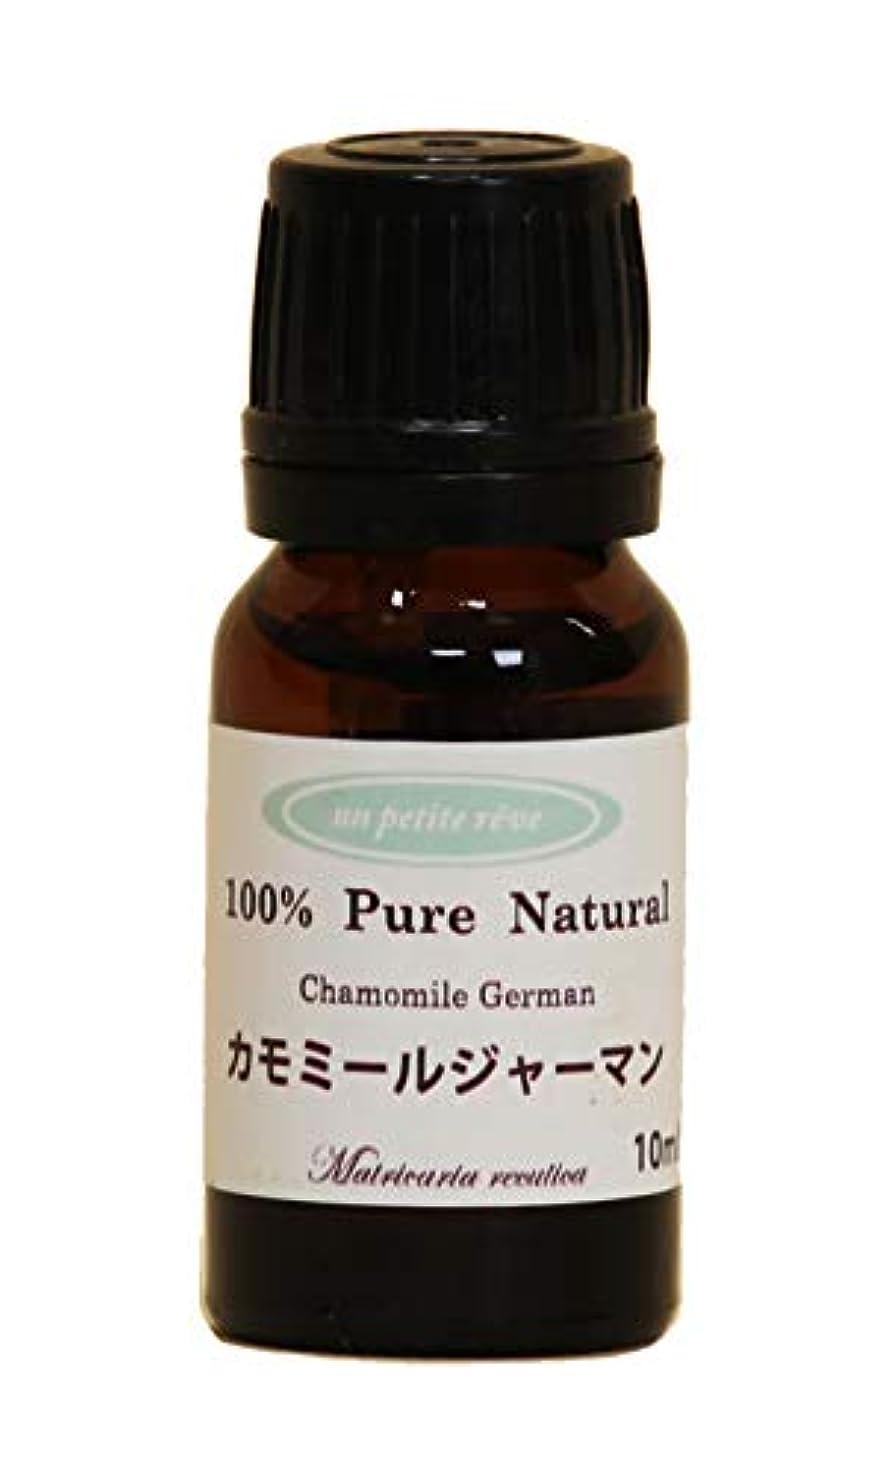 証人保険をかける金銭的なカモミールジャーマン 10ml 100%天然アロマエッセンシャルオイル(精油)